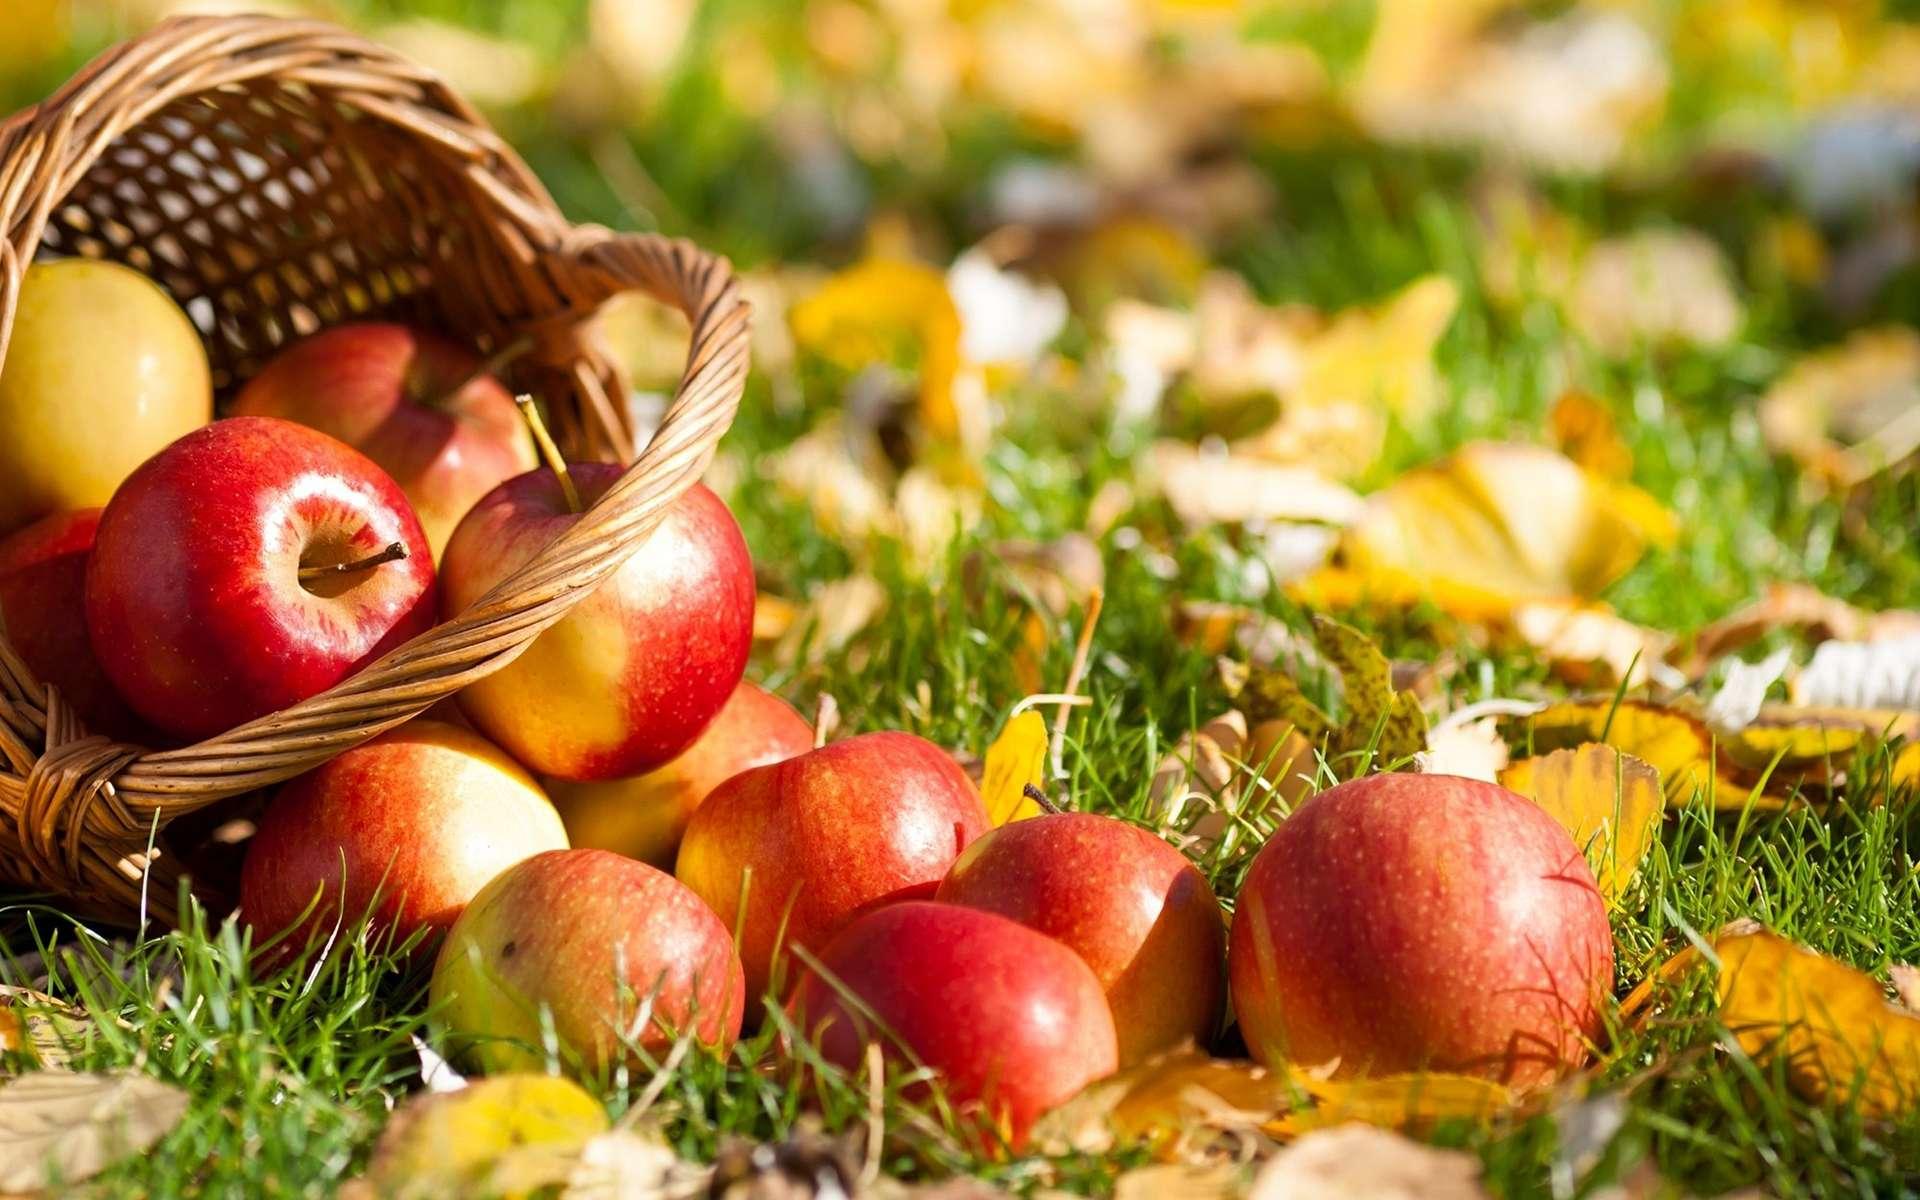 Осенний сезон Яблочный фестиваль Applefest